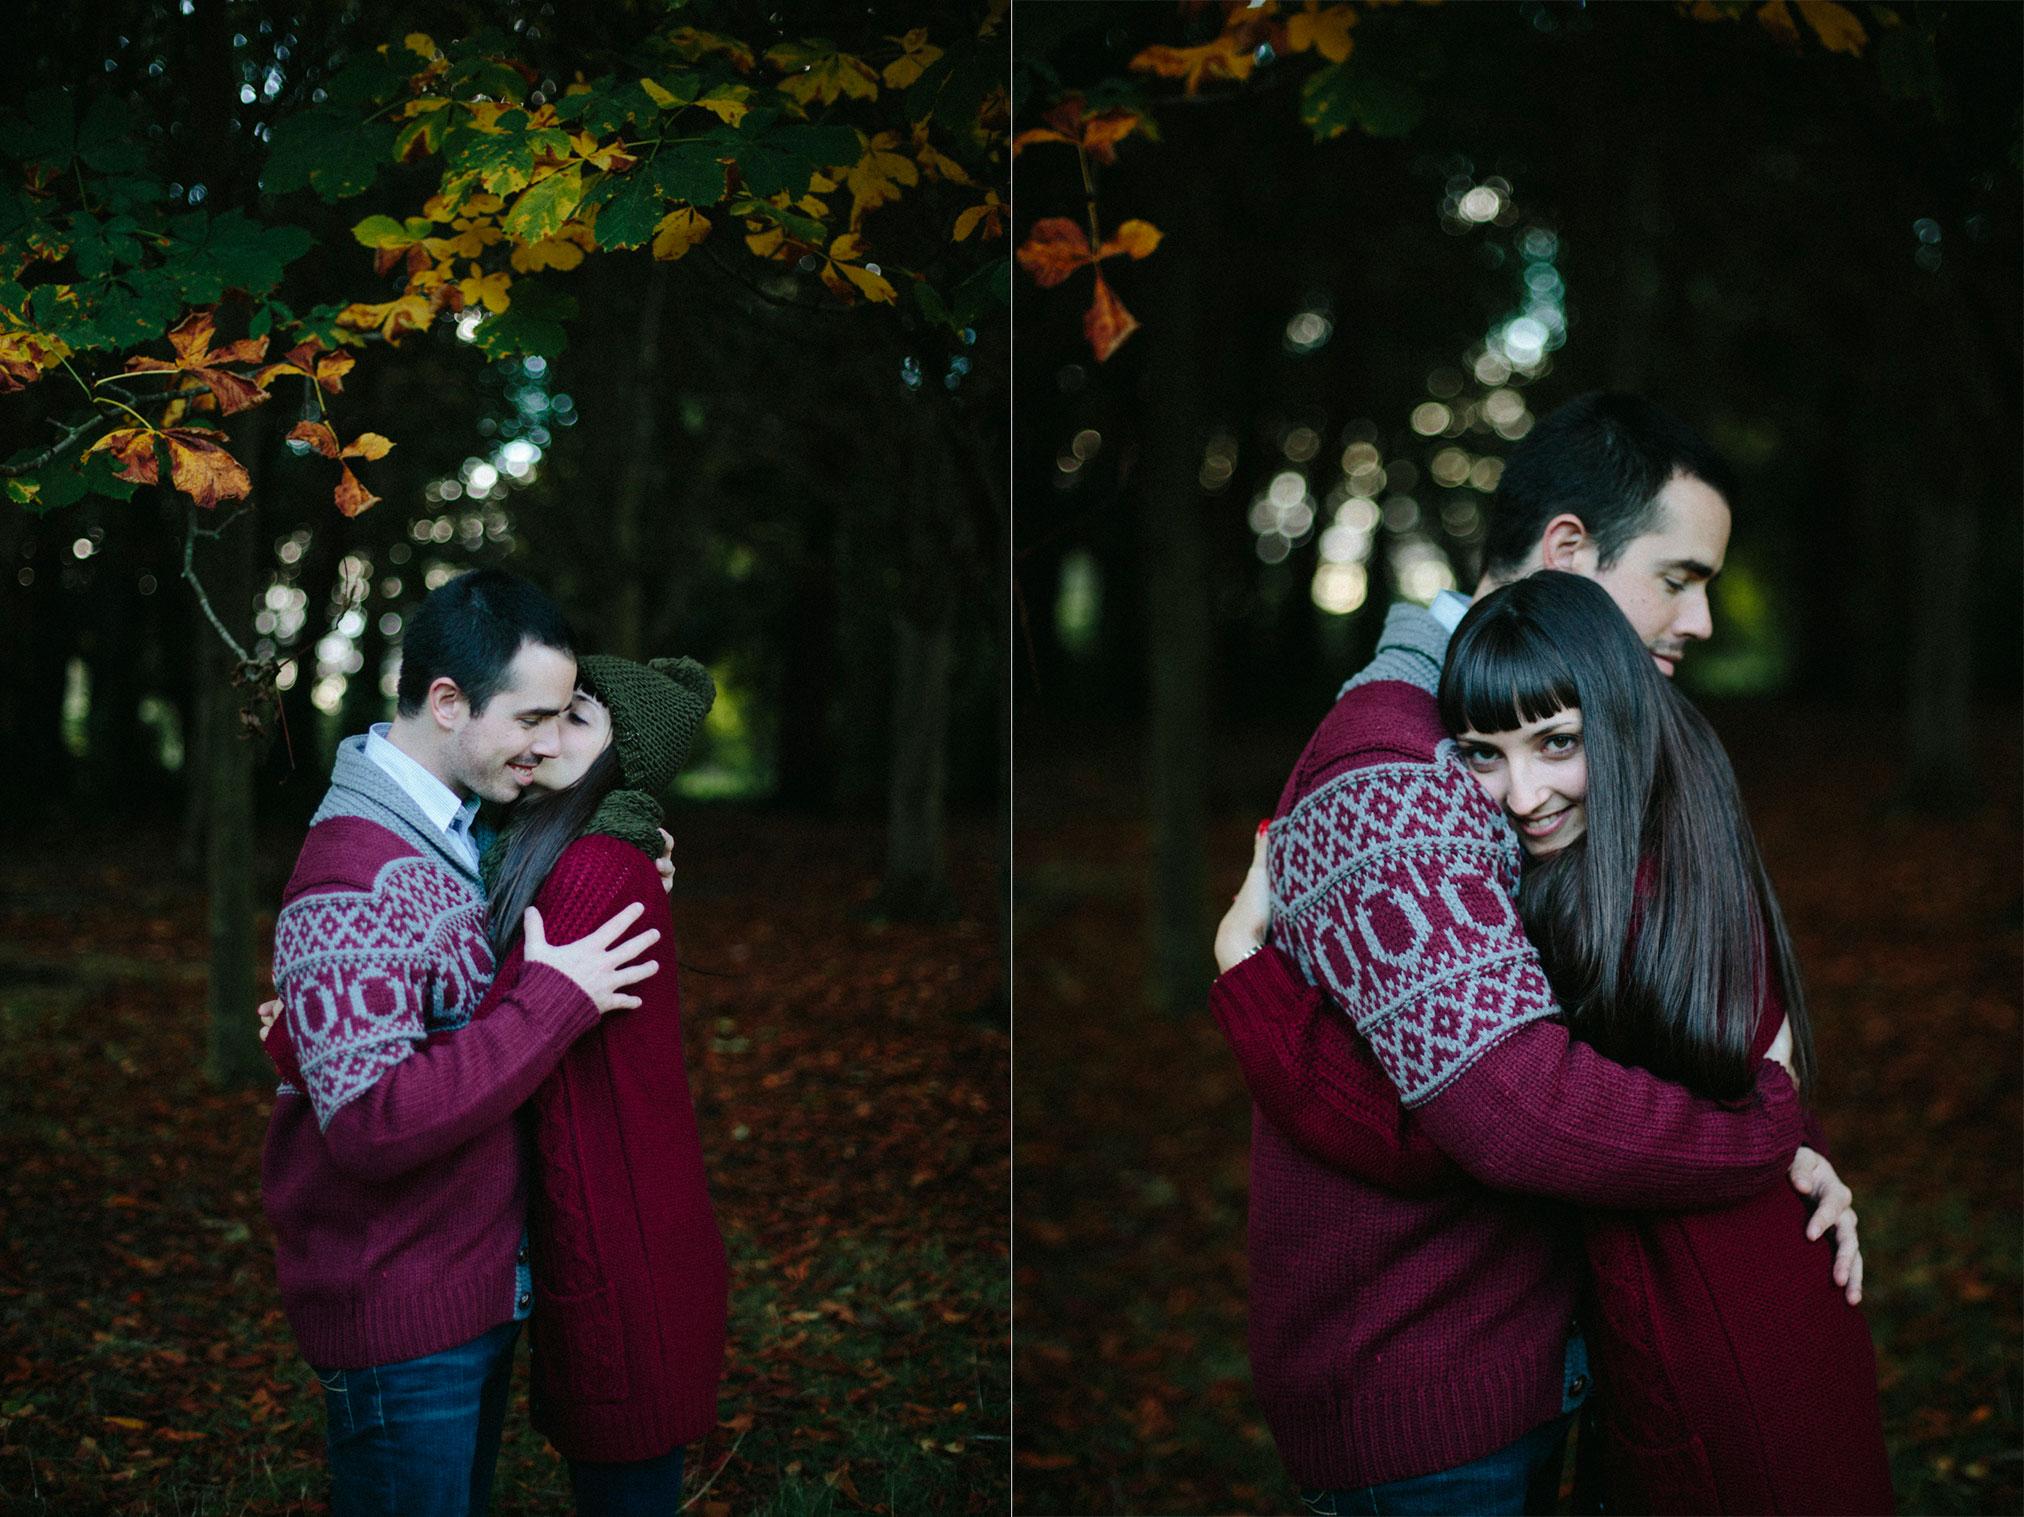 Couple Photographer Graciela Vilagudin Dublin Galicia 1557.jpg